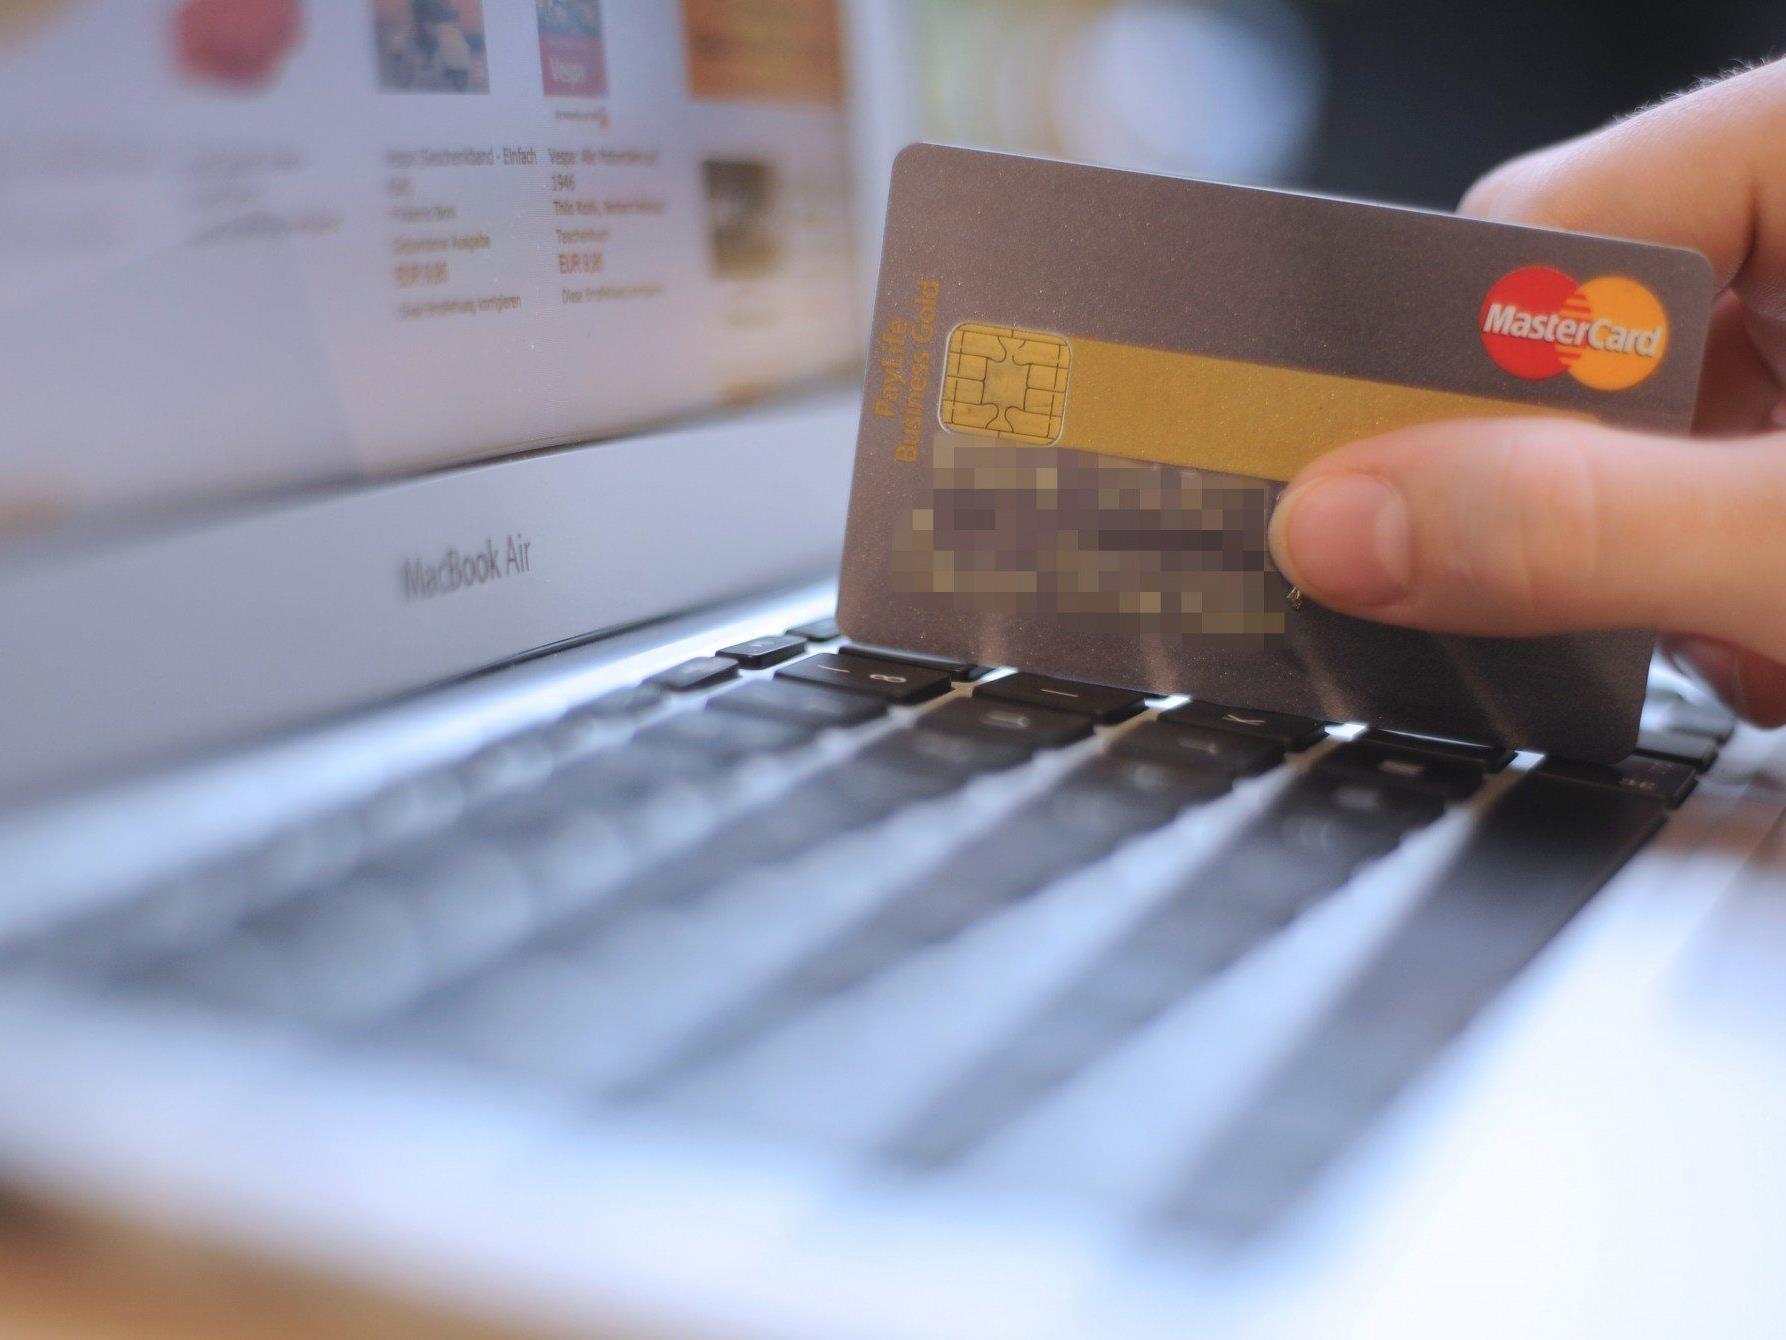 Das Finanzministerium warnt auf seiner Internetpräsenz vor den Problemen und gibt Tipps für den sicheren Webeinkauf.